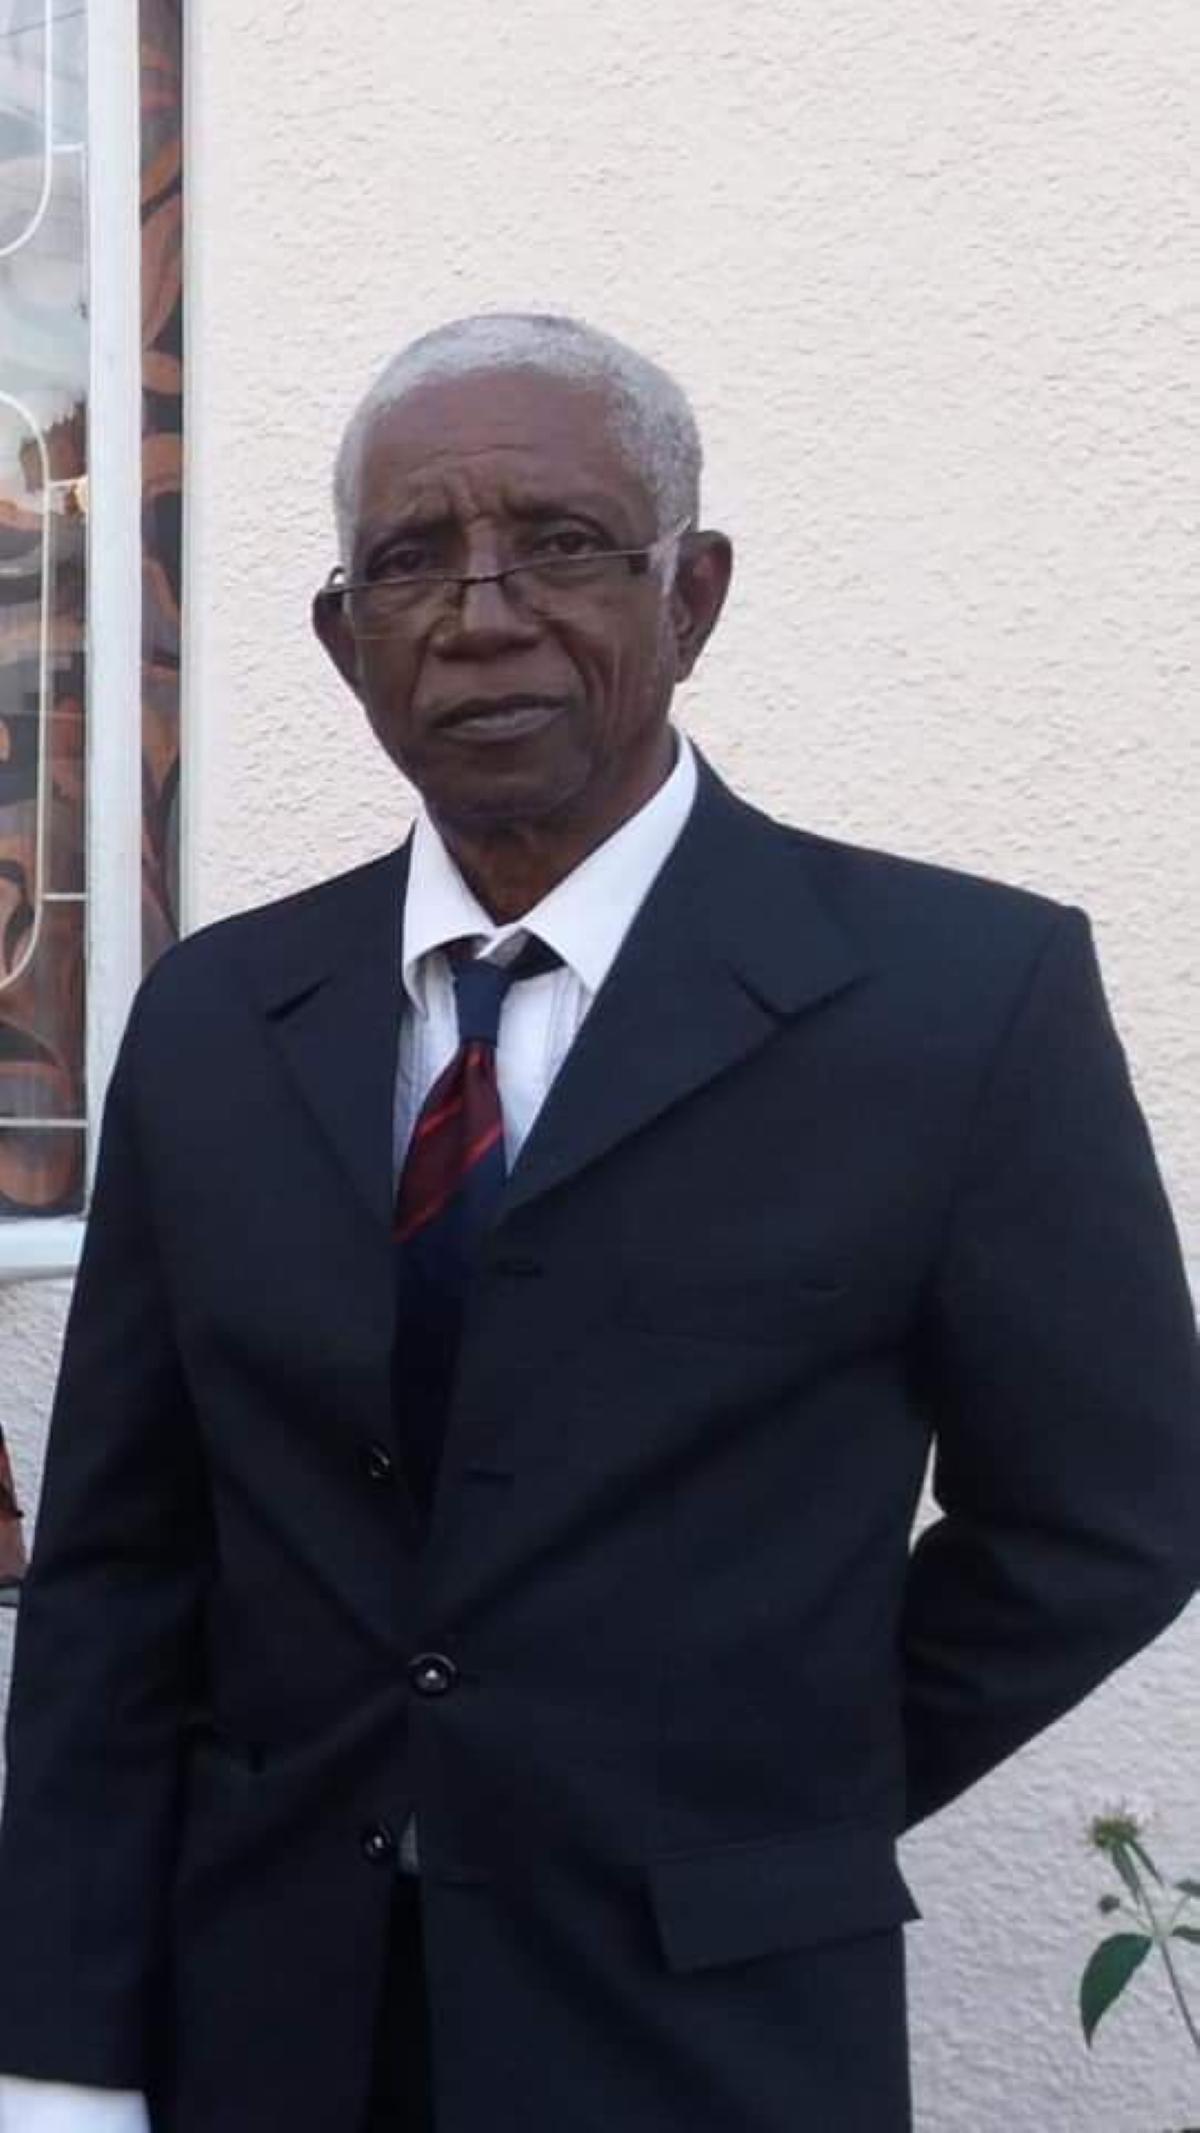 Georges Louise atteint de la maladie d'Alzheimer a été vu sur l'autoroute en direction du Nord hier soir, aidez sa famille à le retrouver